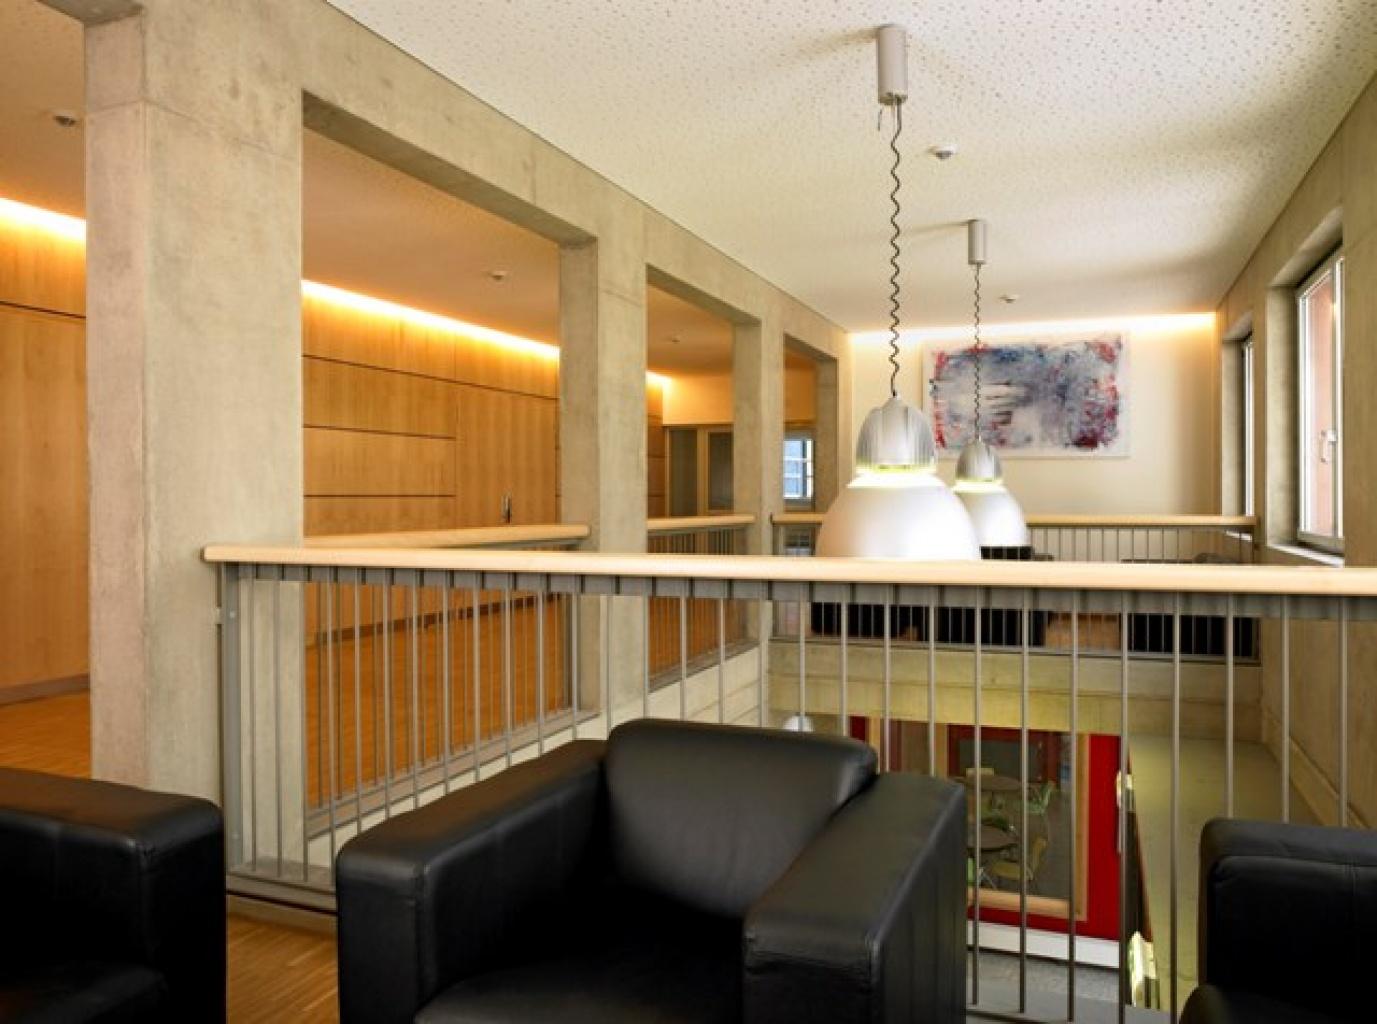 Hostel barato Luxemburgo